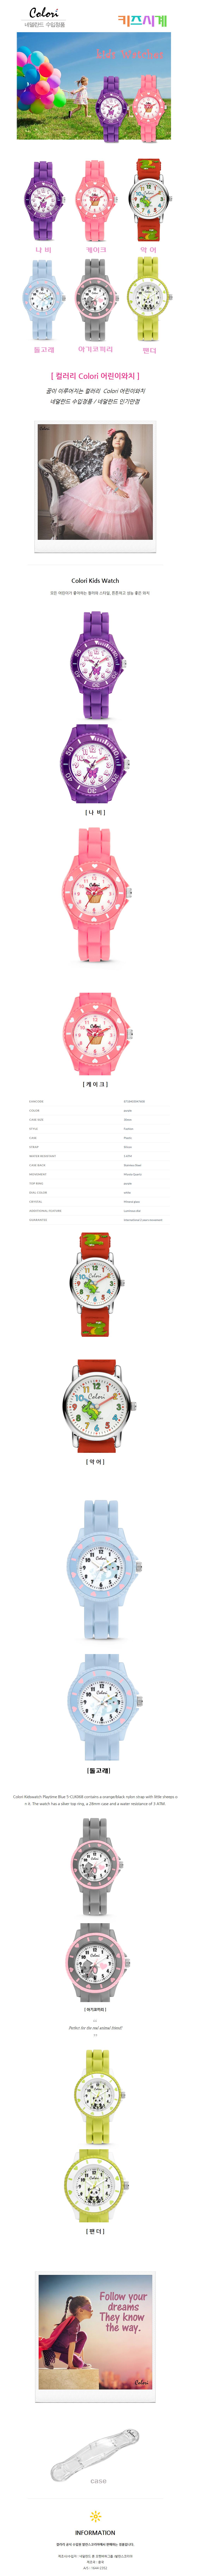 컬러리 여아키즈시계 어린이시계  패션시계 네델란드 Colori  수입정품 - 발란스3000, 49,000원, 여성시계, 패션시계